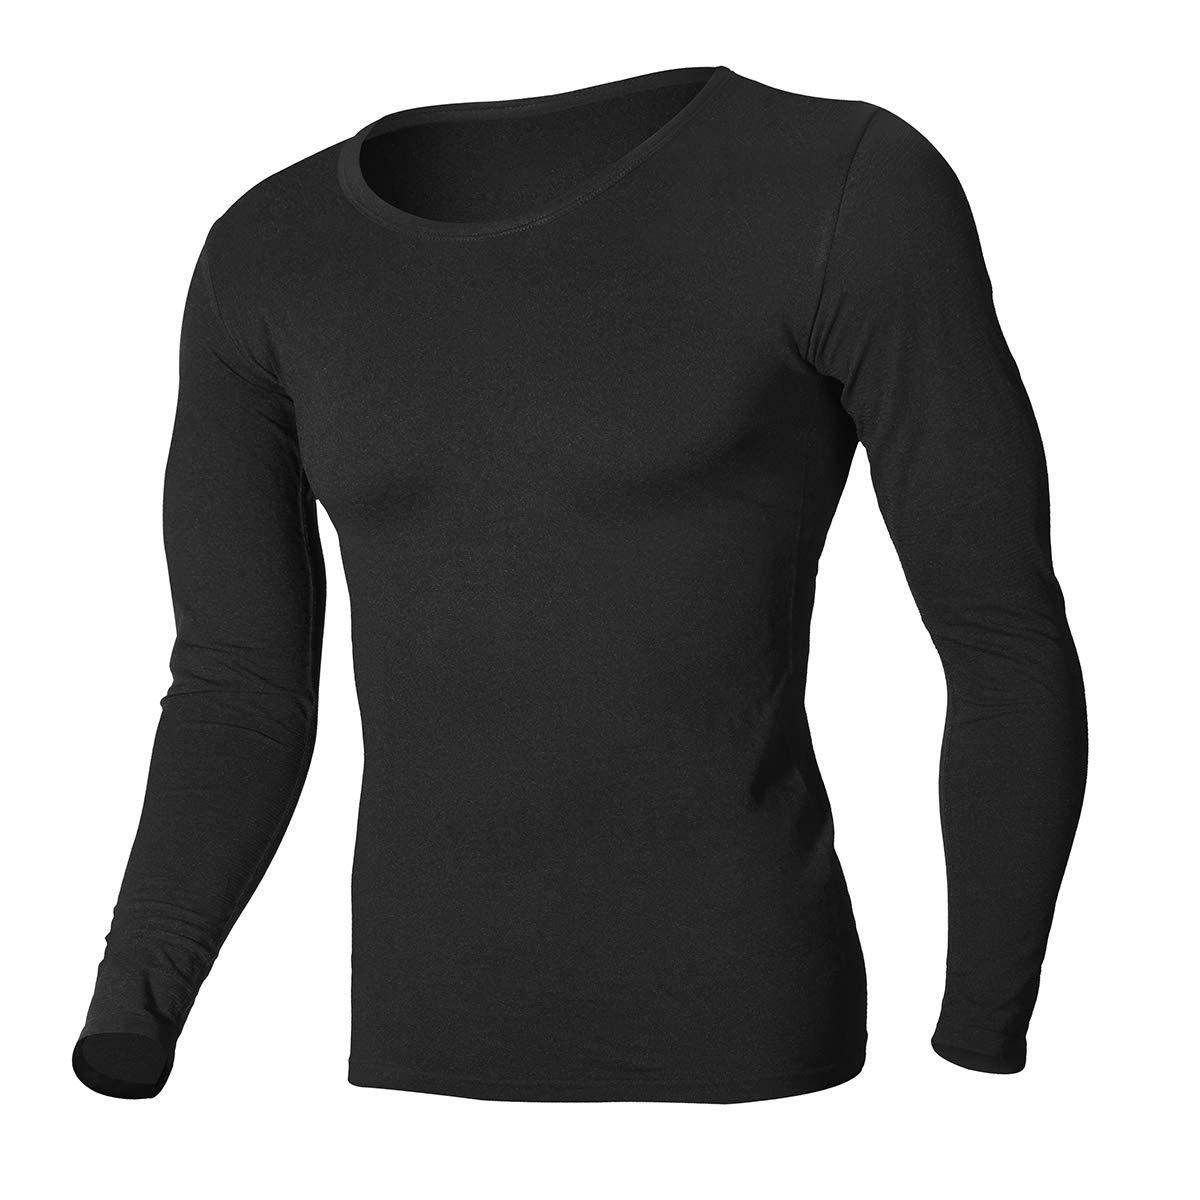 Mens Light Weight Thermal Underwear Ultra Soft Baselayer Long Johns Set Winter Warm Top /& Bottom